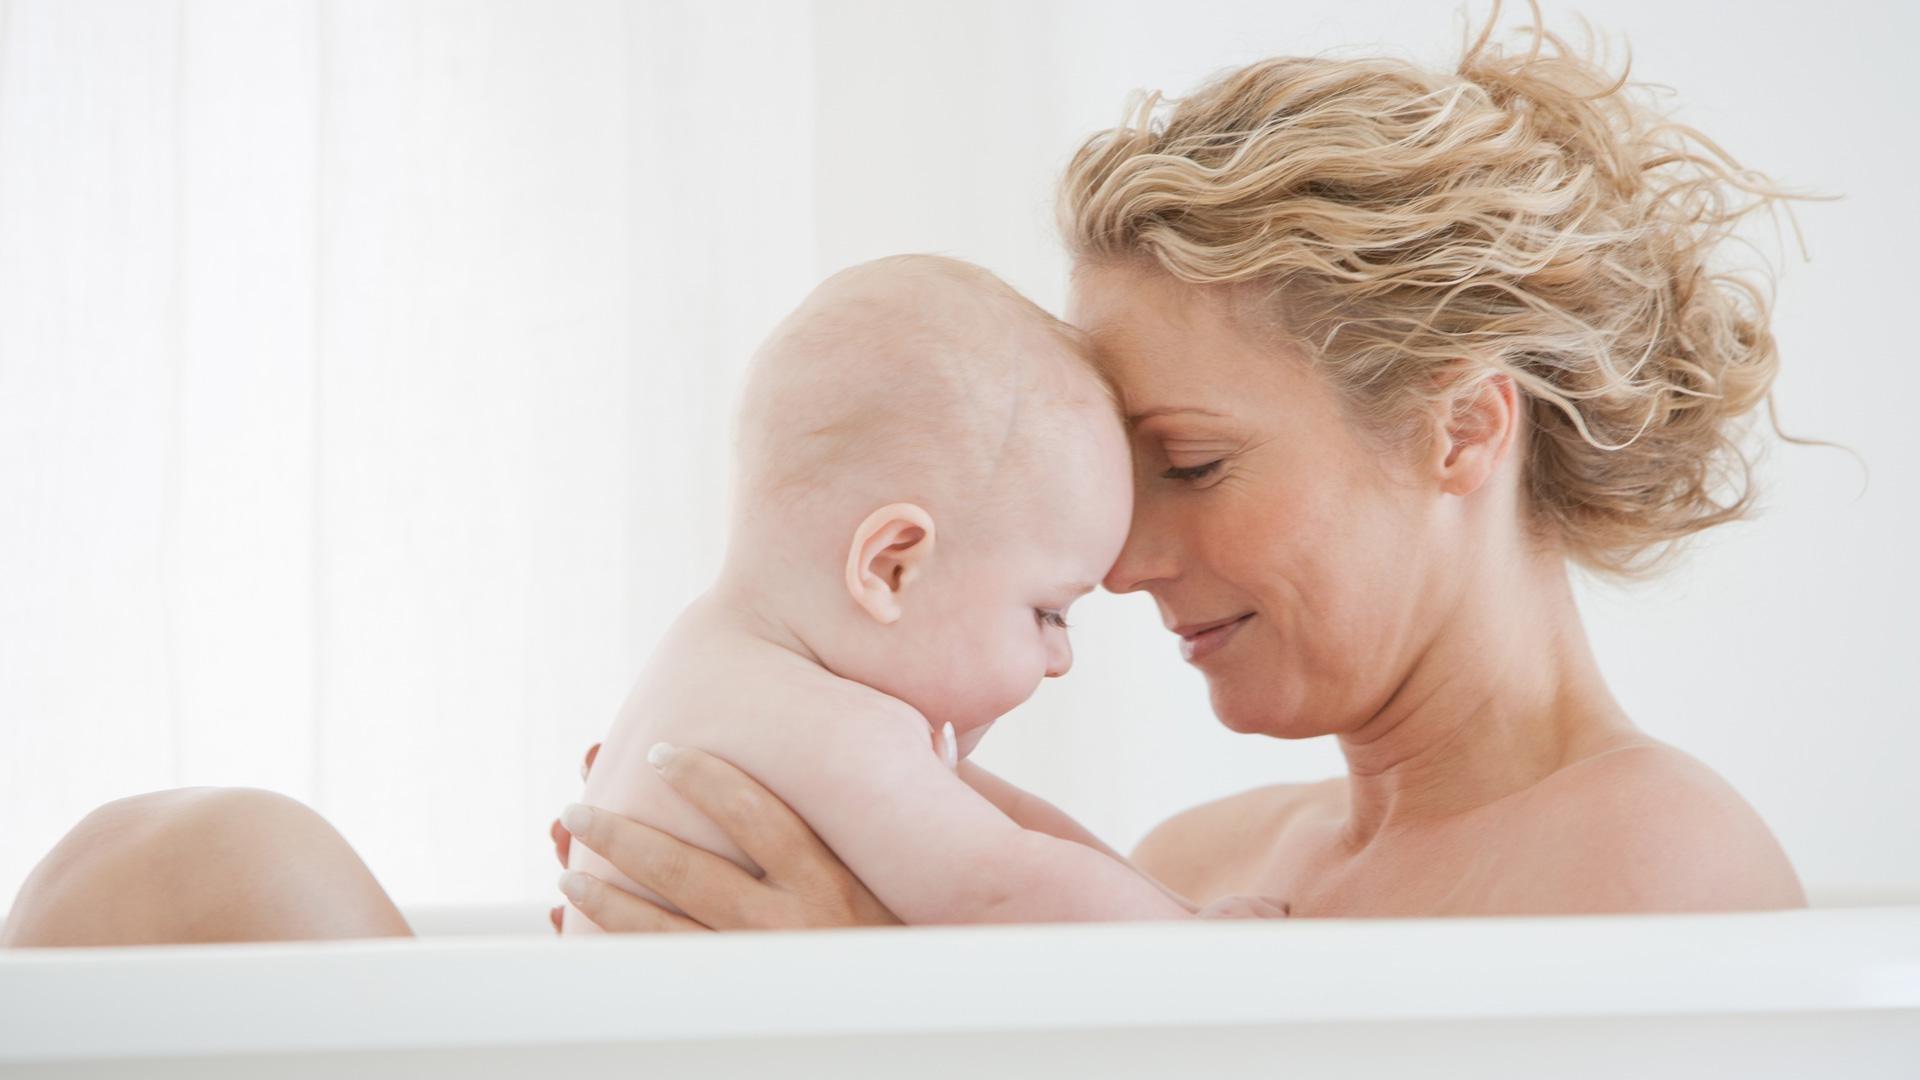 Charming Tub Paint Big How To Paint A Bathtub Clean Paint For Bathtub Bath Tub Paint Young Paint Tub Fresh Paint For Tubs